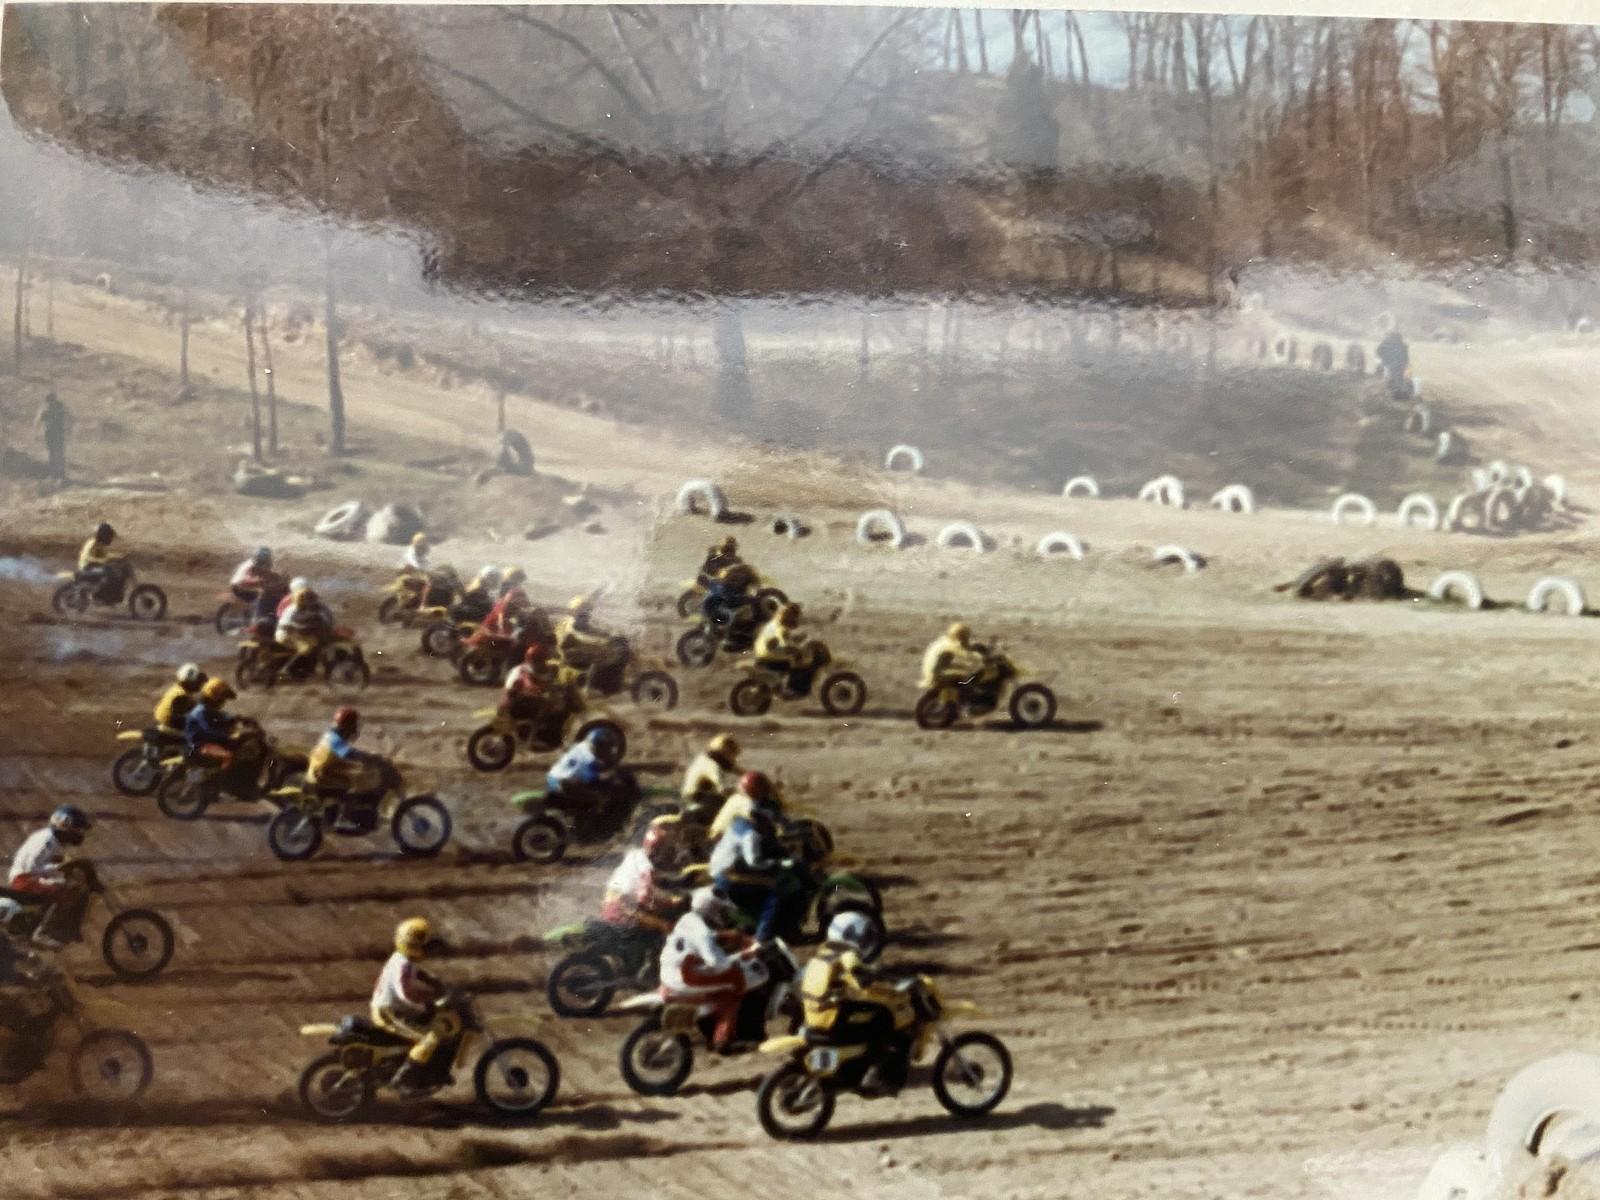 AF3201AF-F7A1-4846-8E15-E635EB1445AF - Ep7 - Motocross Pictures - Vital MX